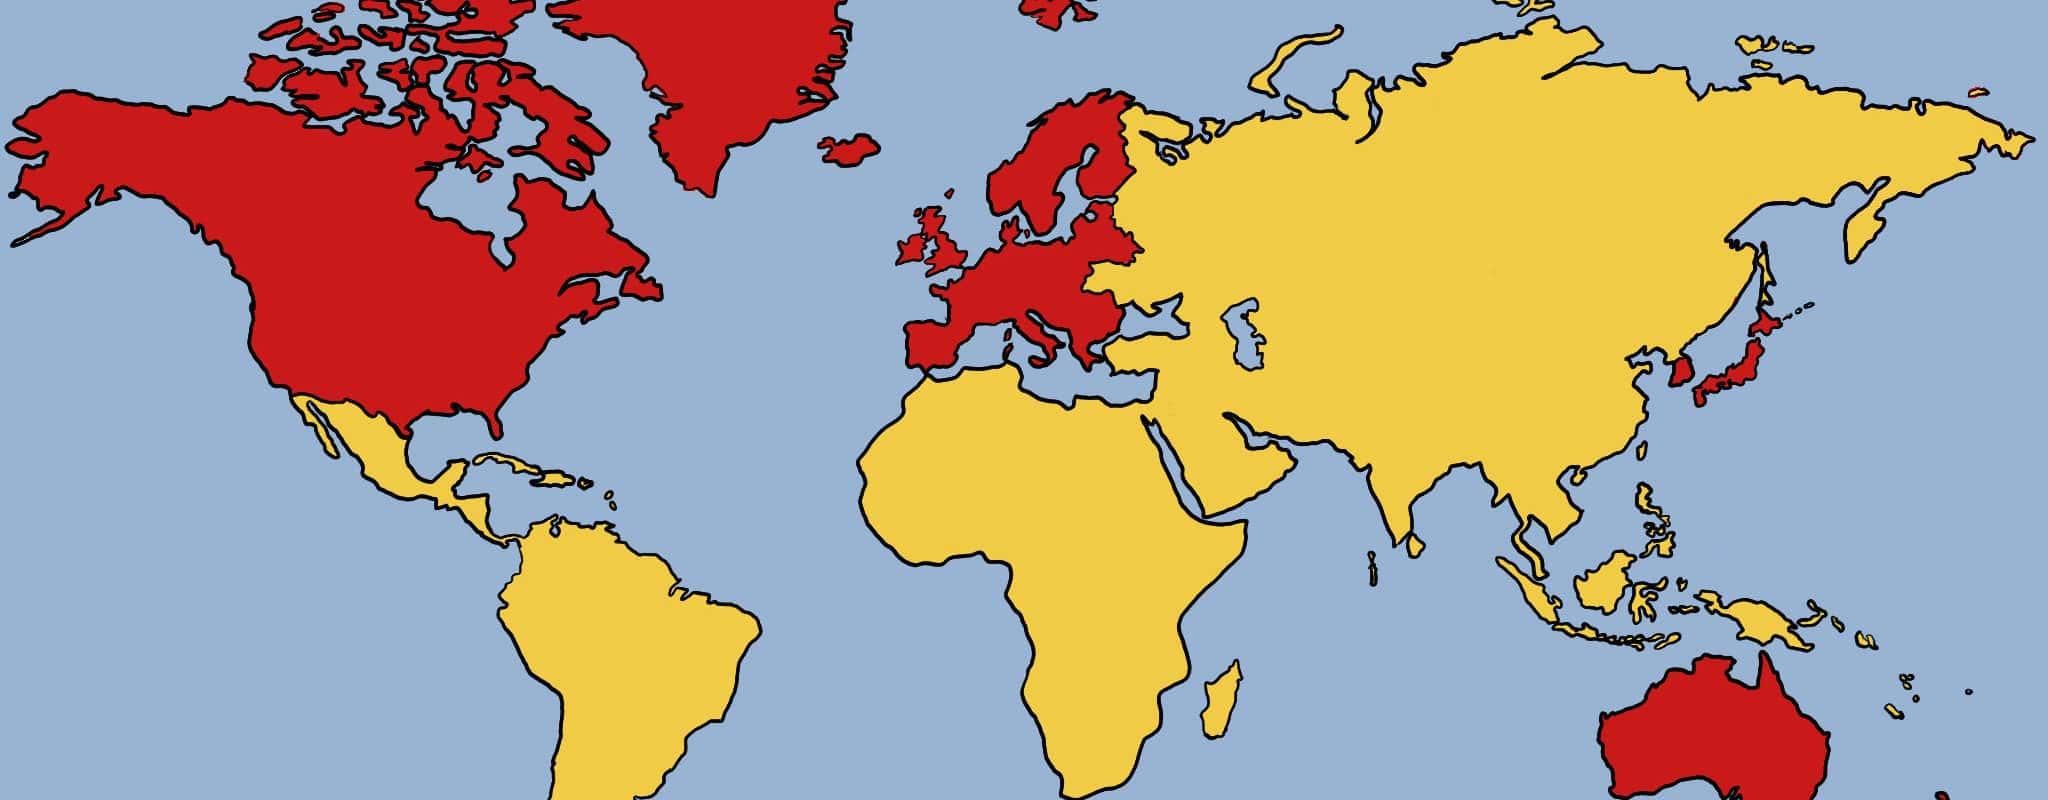 Pour Primark, le monde se divise en deux catégories